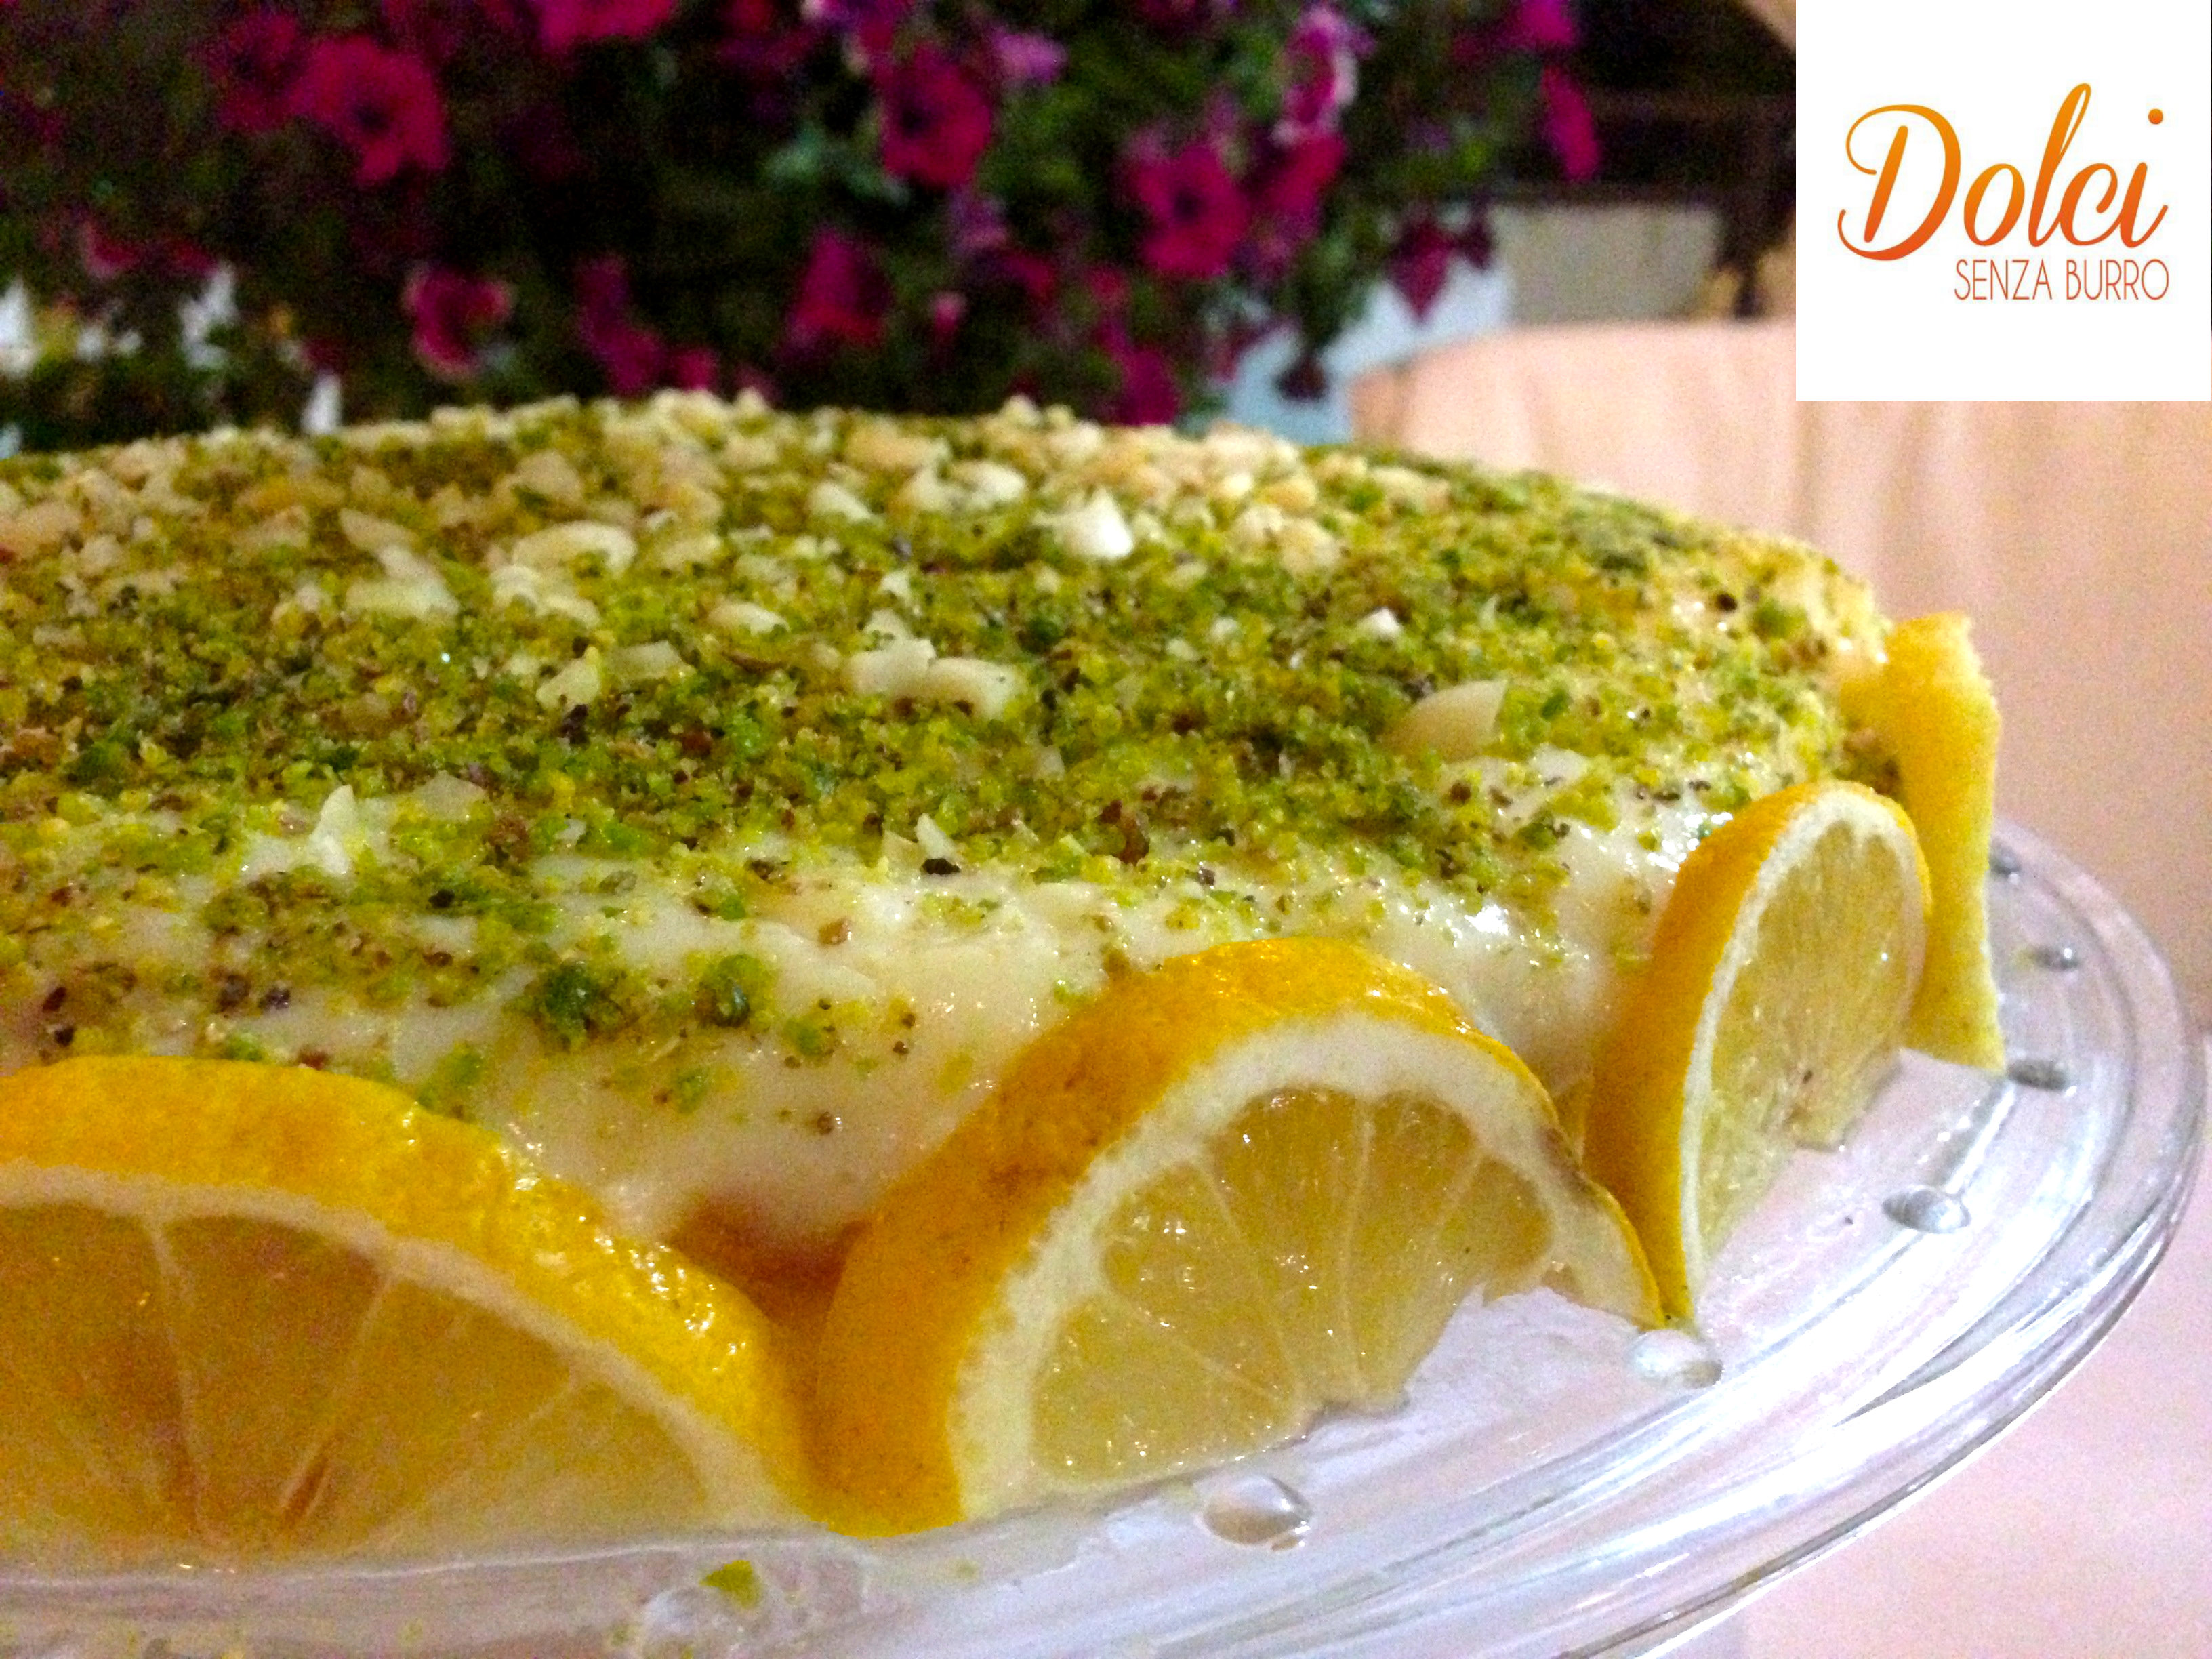 La Torta Senza Burro con Crema al Limoncello una torta golosa di dolci senza burro